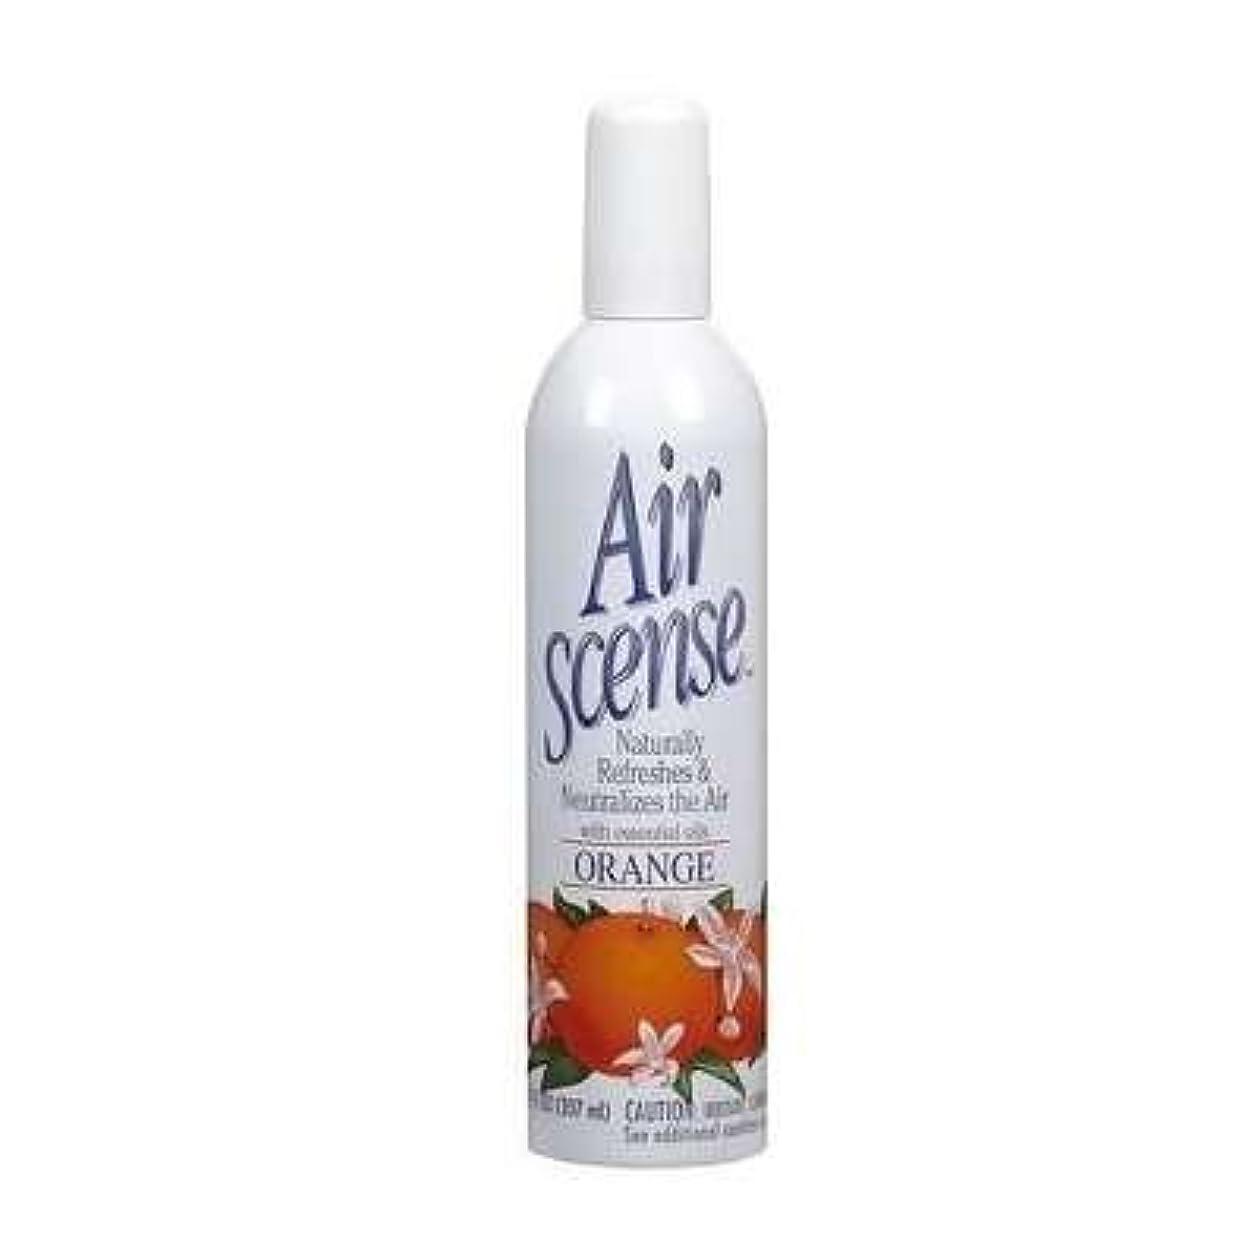 ハント本物買収Air Scense エアフレッシュナーオレンジ7のFz